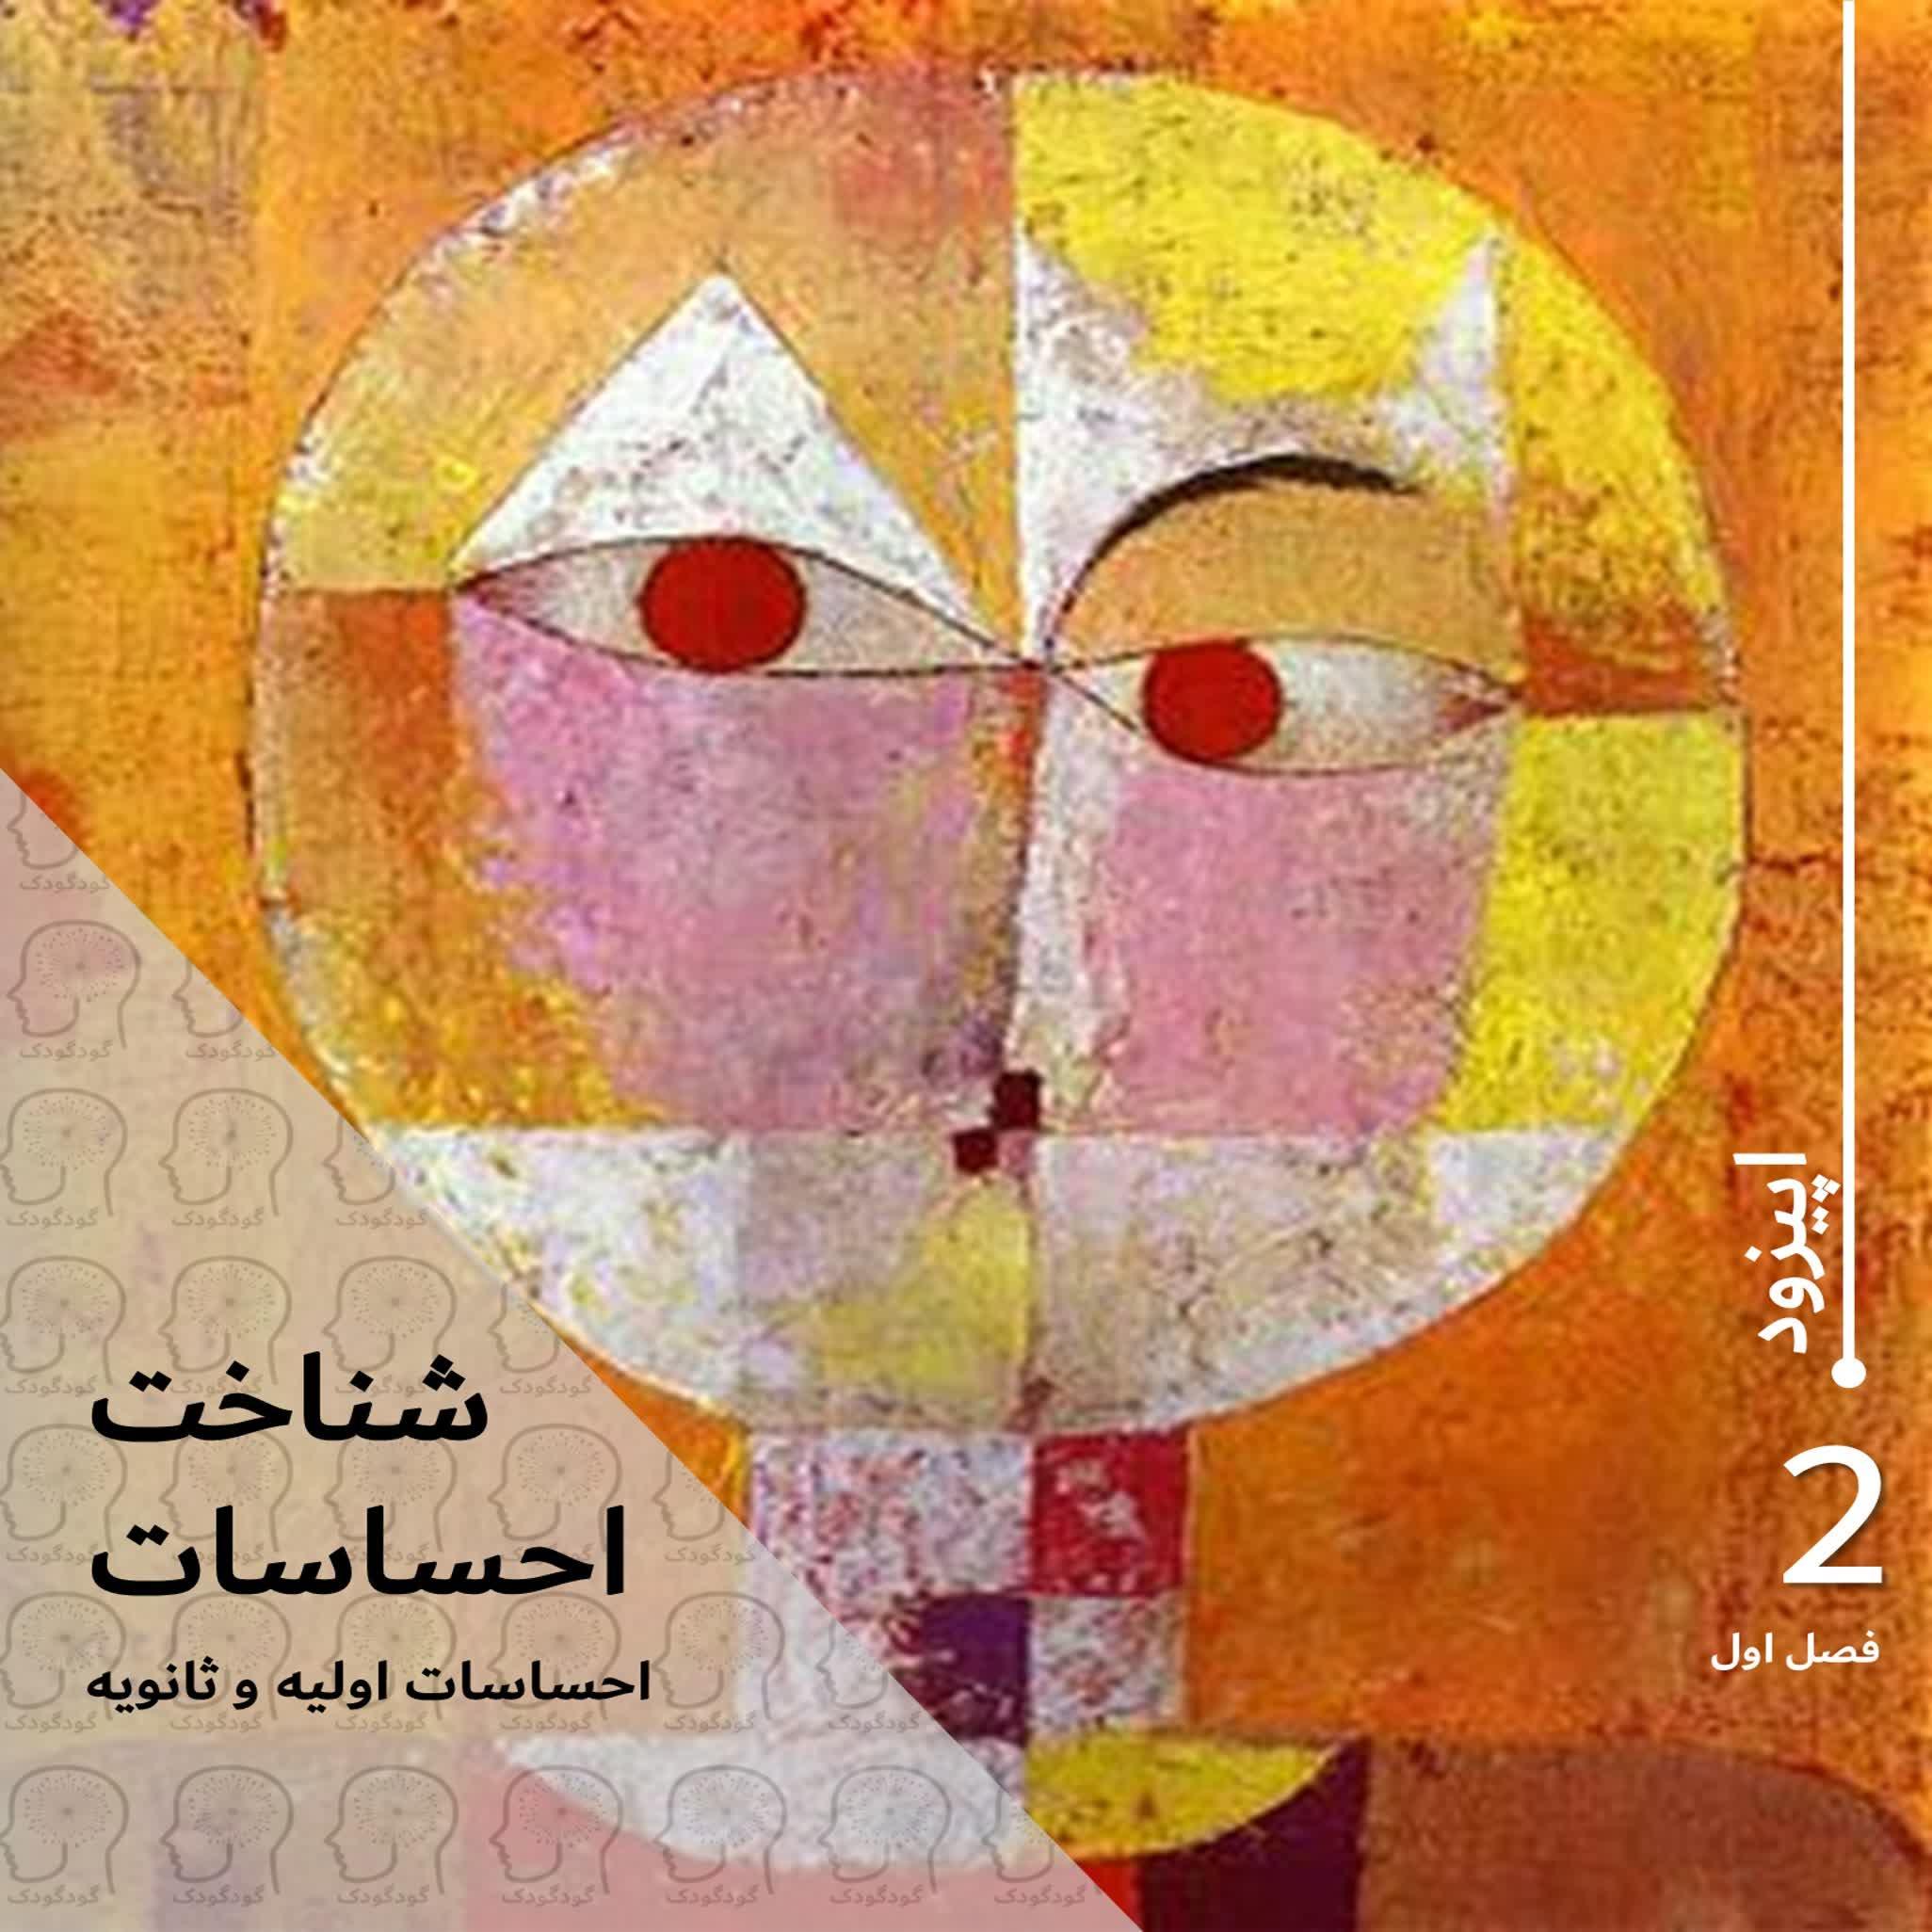 E02(1) احساسات مختلف را بشناسیم